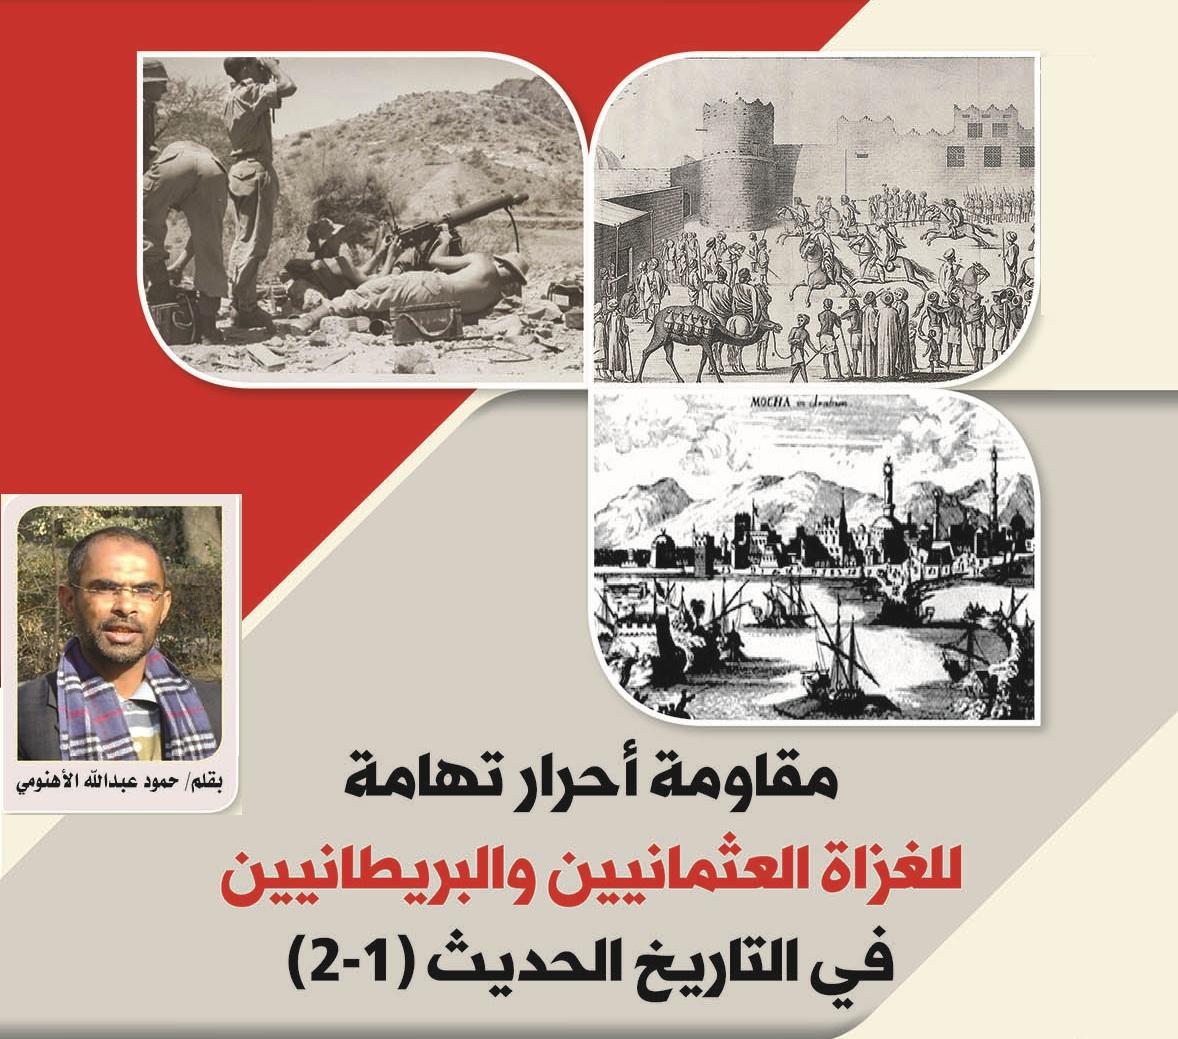 مقاومة أحرار تهامة للغزاة العثمانيين والبريطانيين في التاريخ الحديث 1 رابطة علماء اليمن